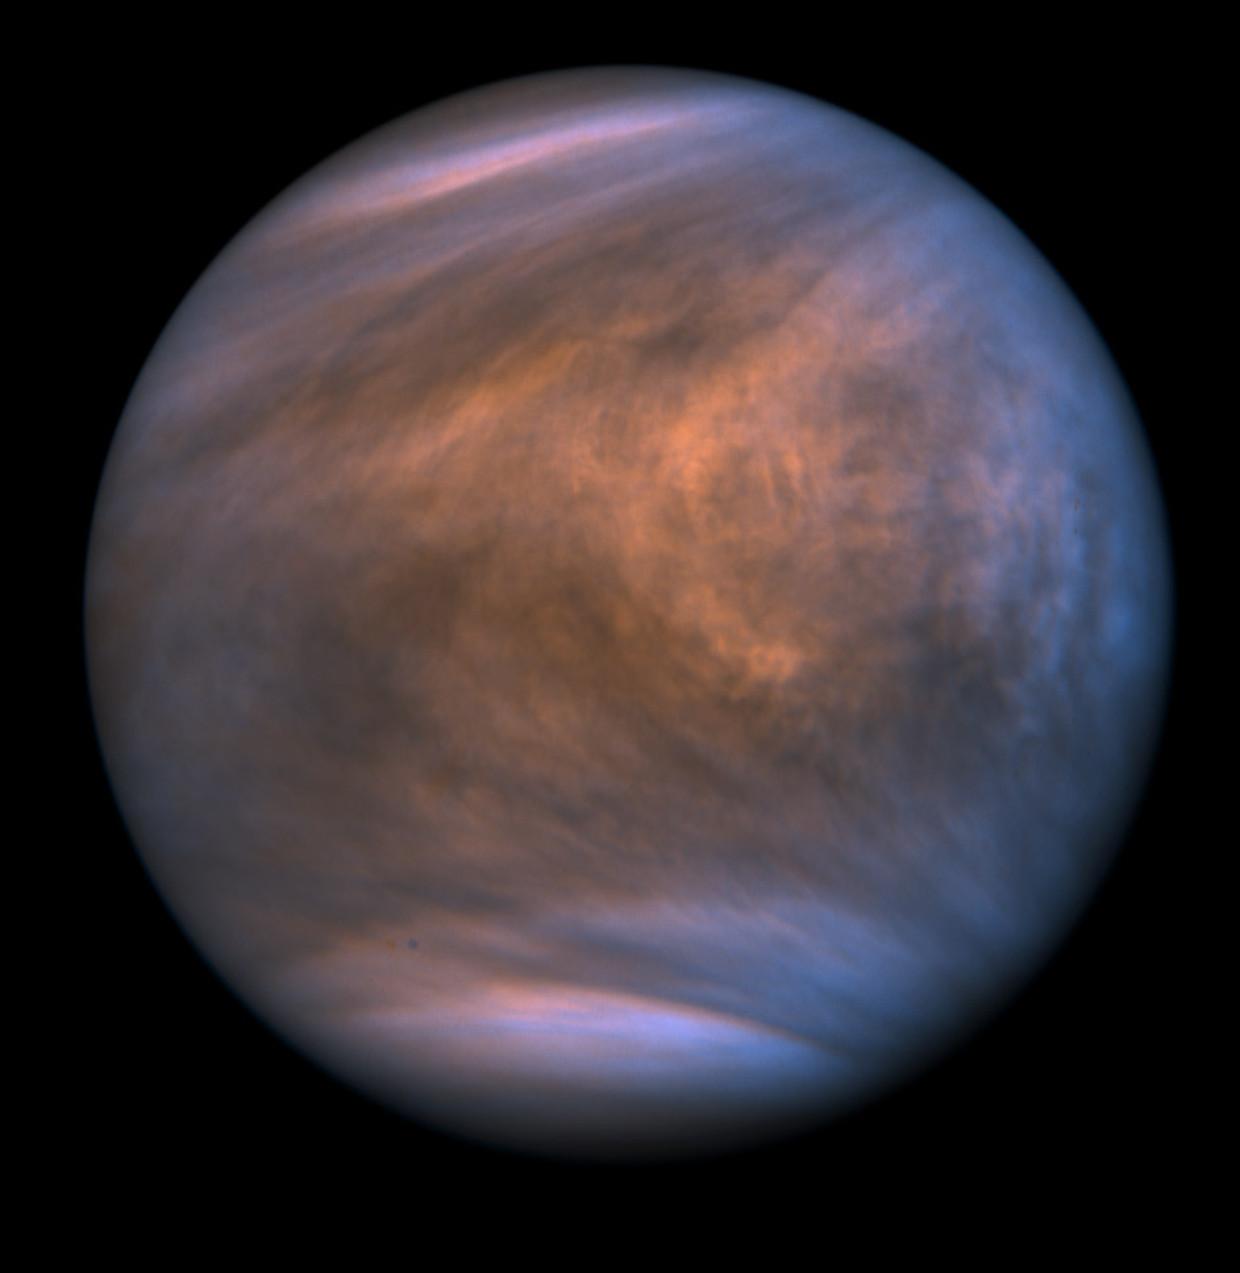 Ook over planeet Venus (hier gefotografeerd in ultraviolet licht) dwarrelen waarschijnlijk stofdeeltjes – al is het er nog altijd te heet voor vloeibaar water.